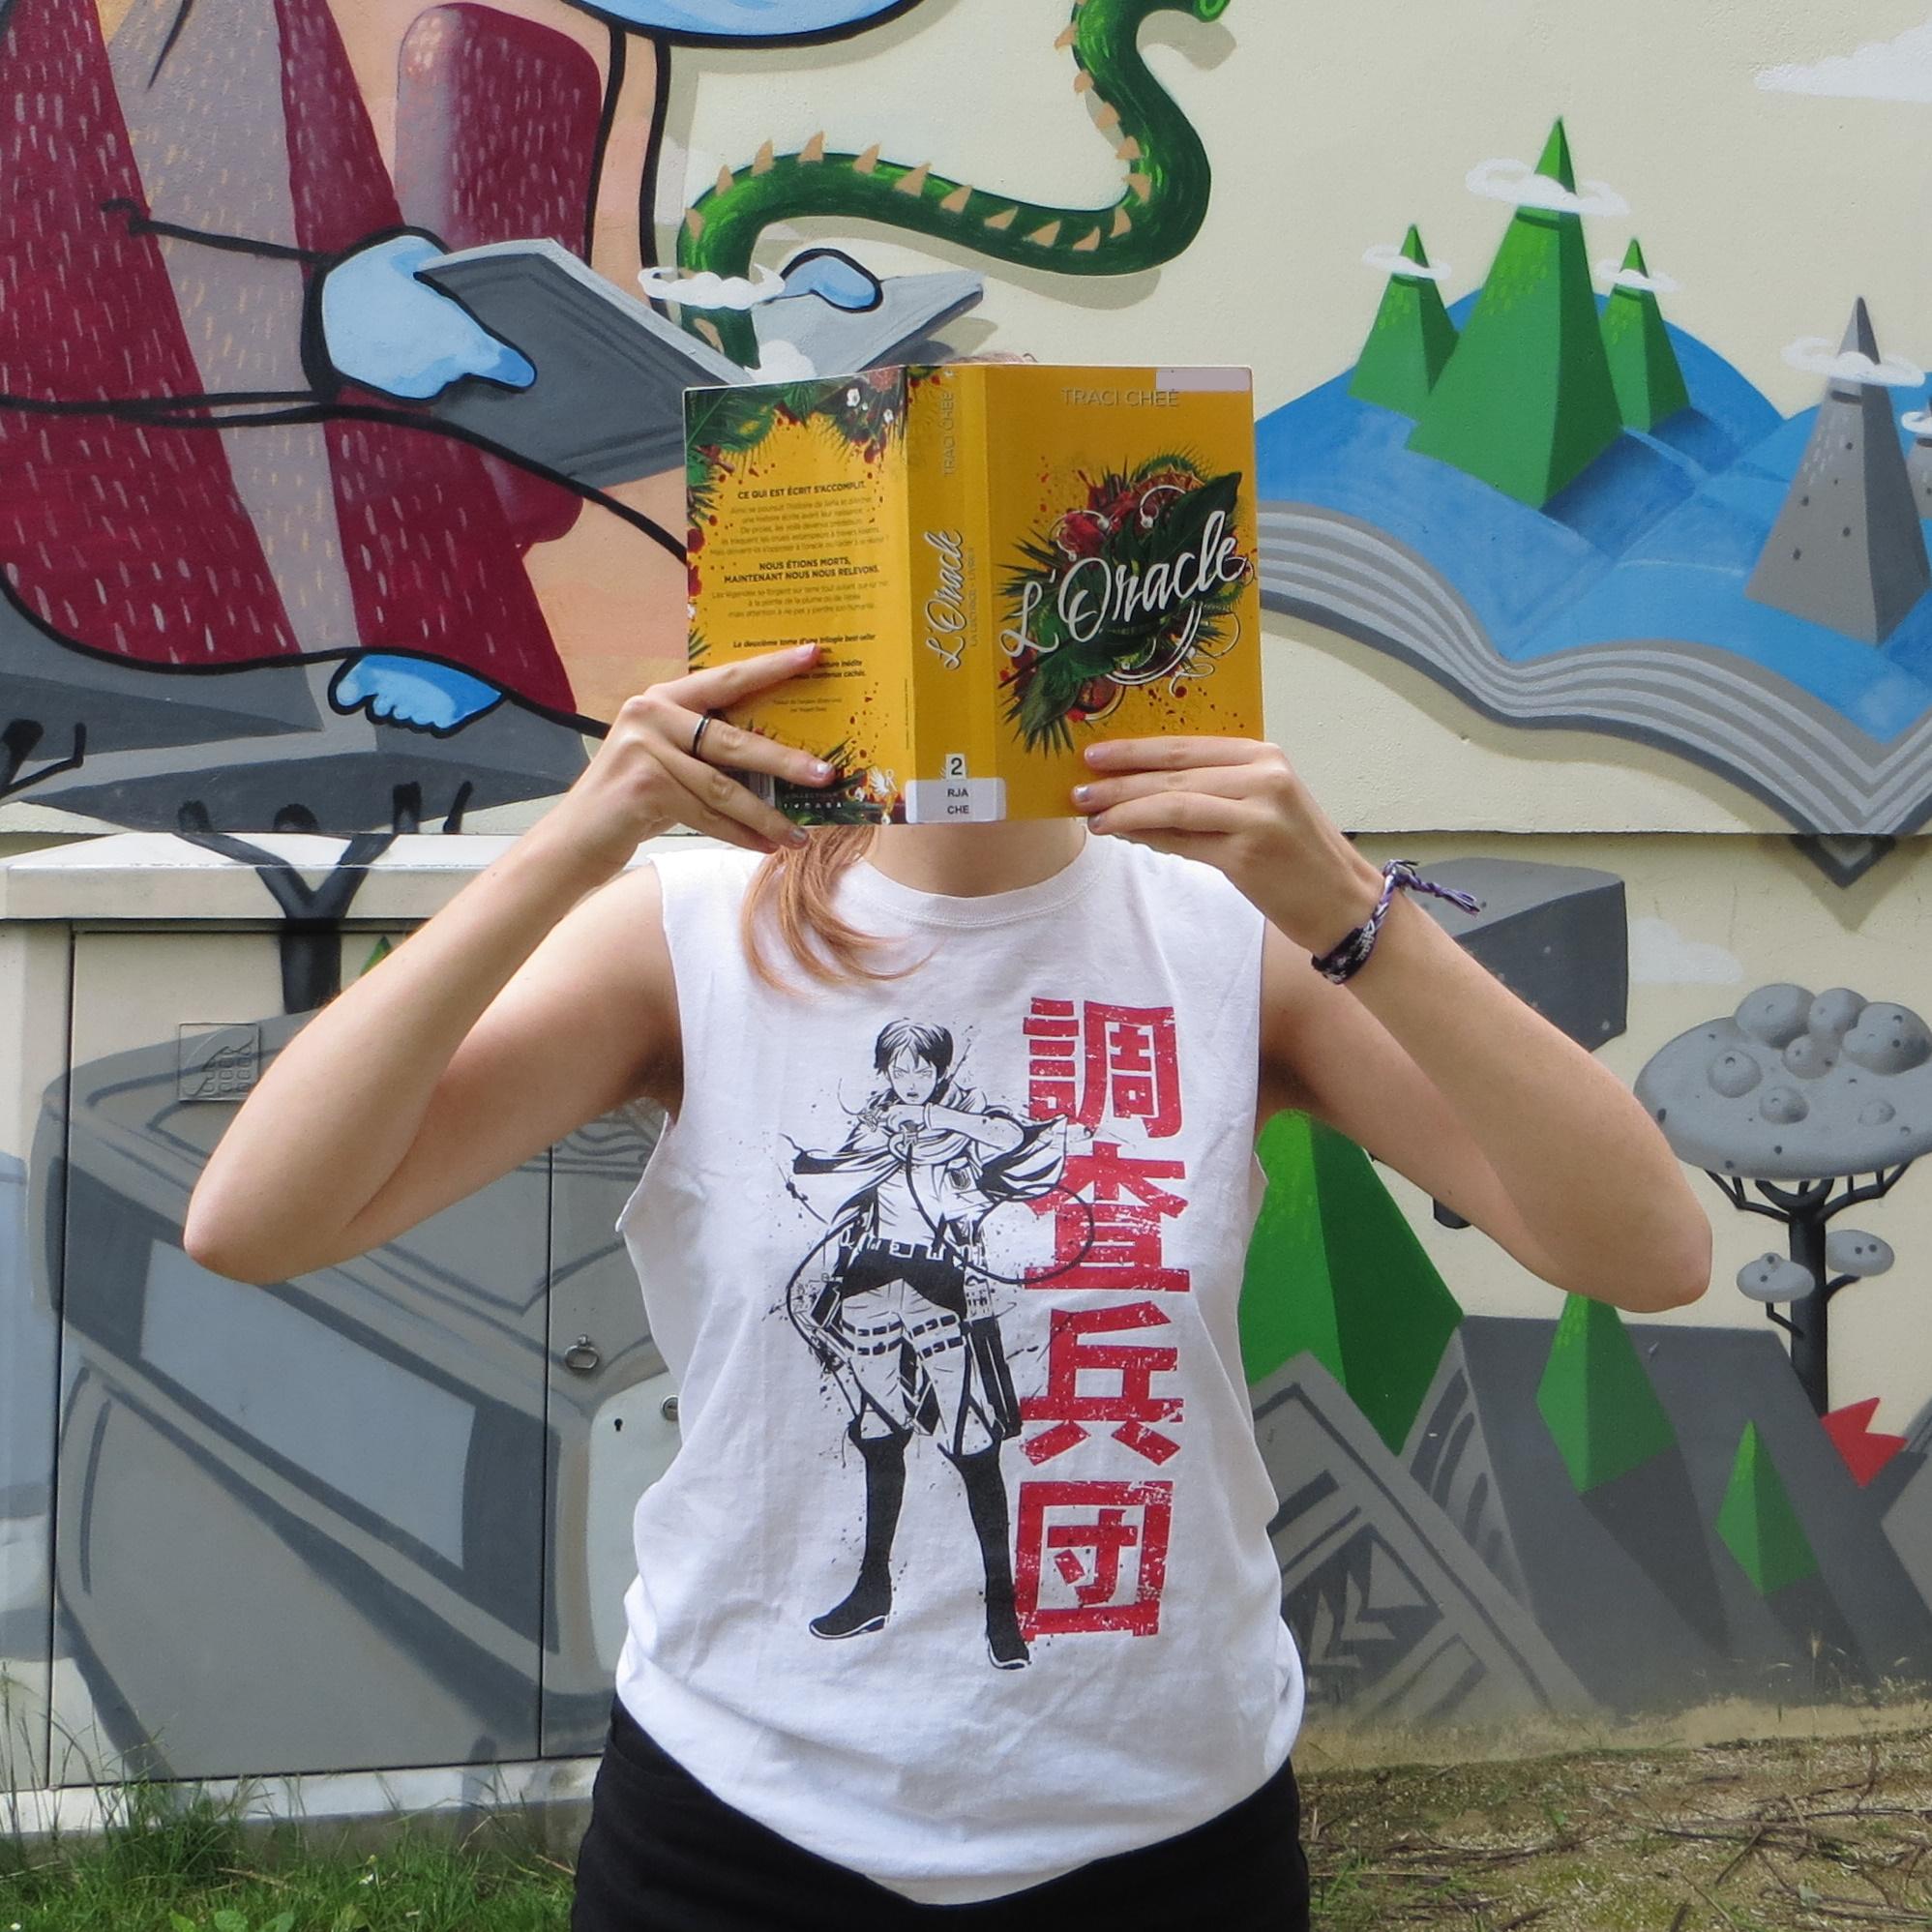 personne en débardeur attack on titan lisant l'oracle de Traci Chee devant une fresque de livres